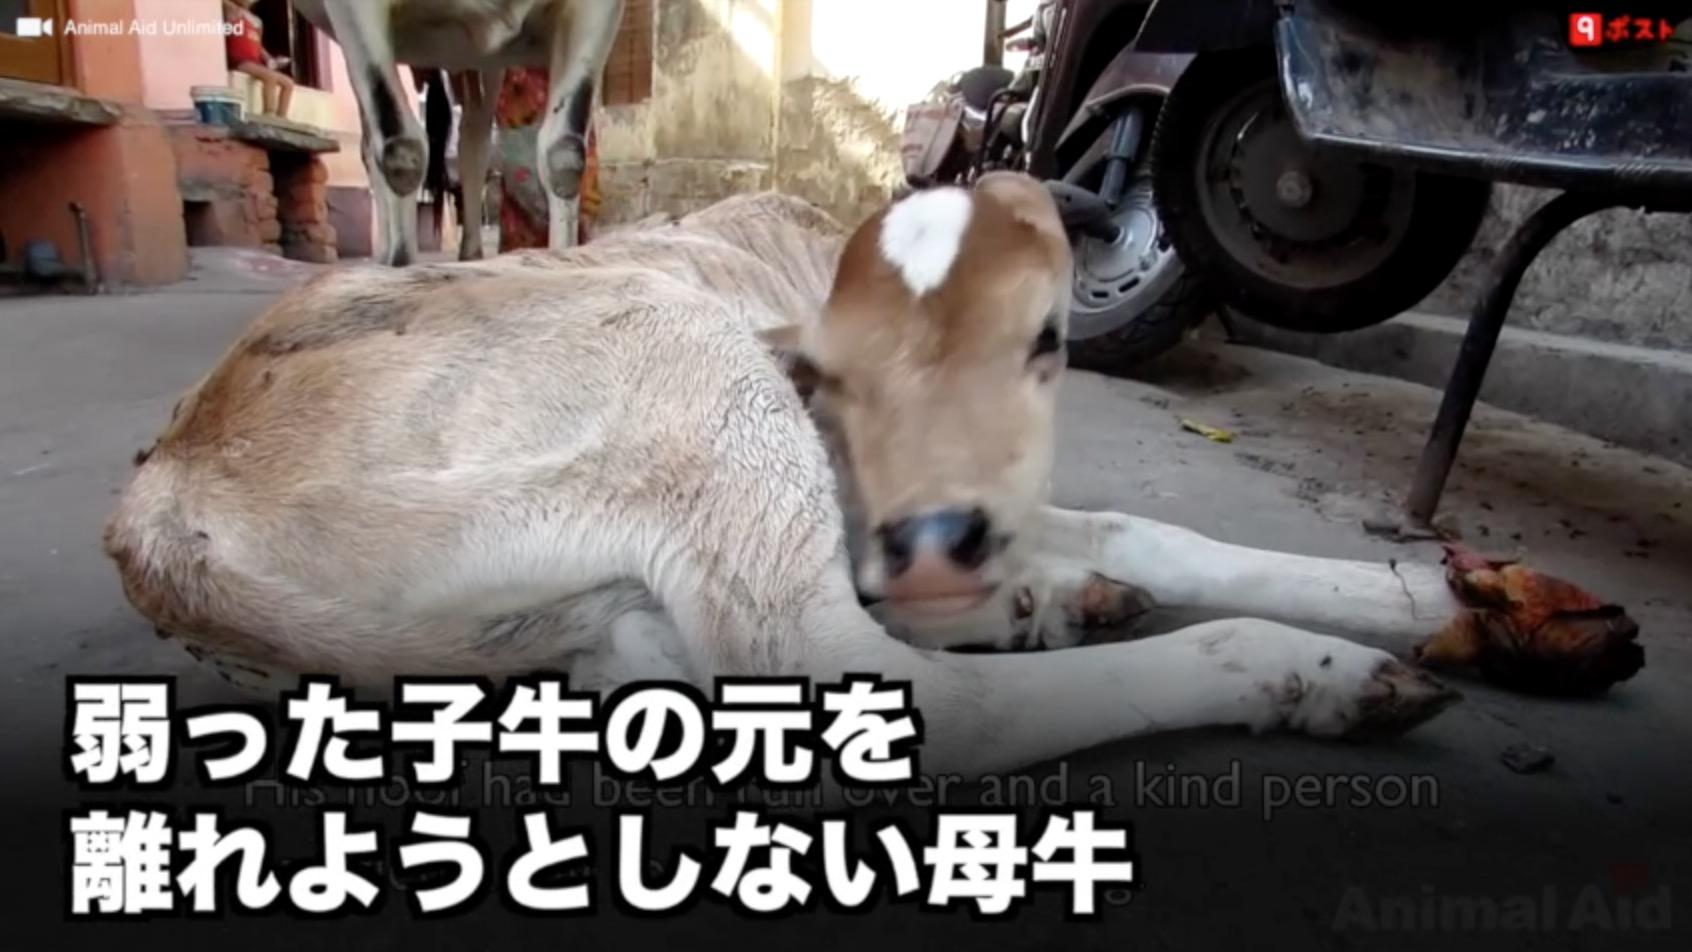 弱った子牛の元を離れようとしない母牛の姿に涙。。